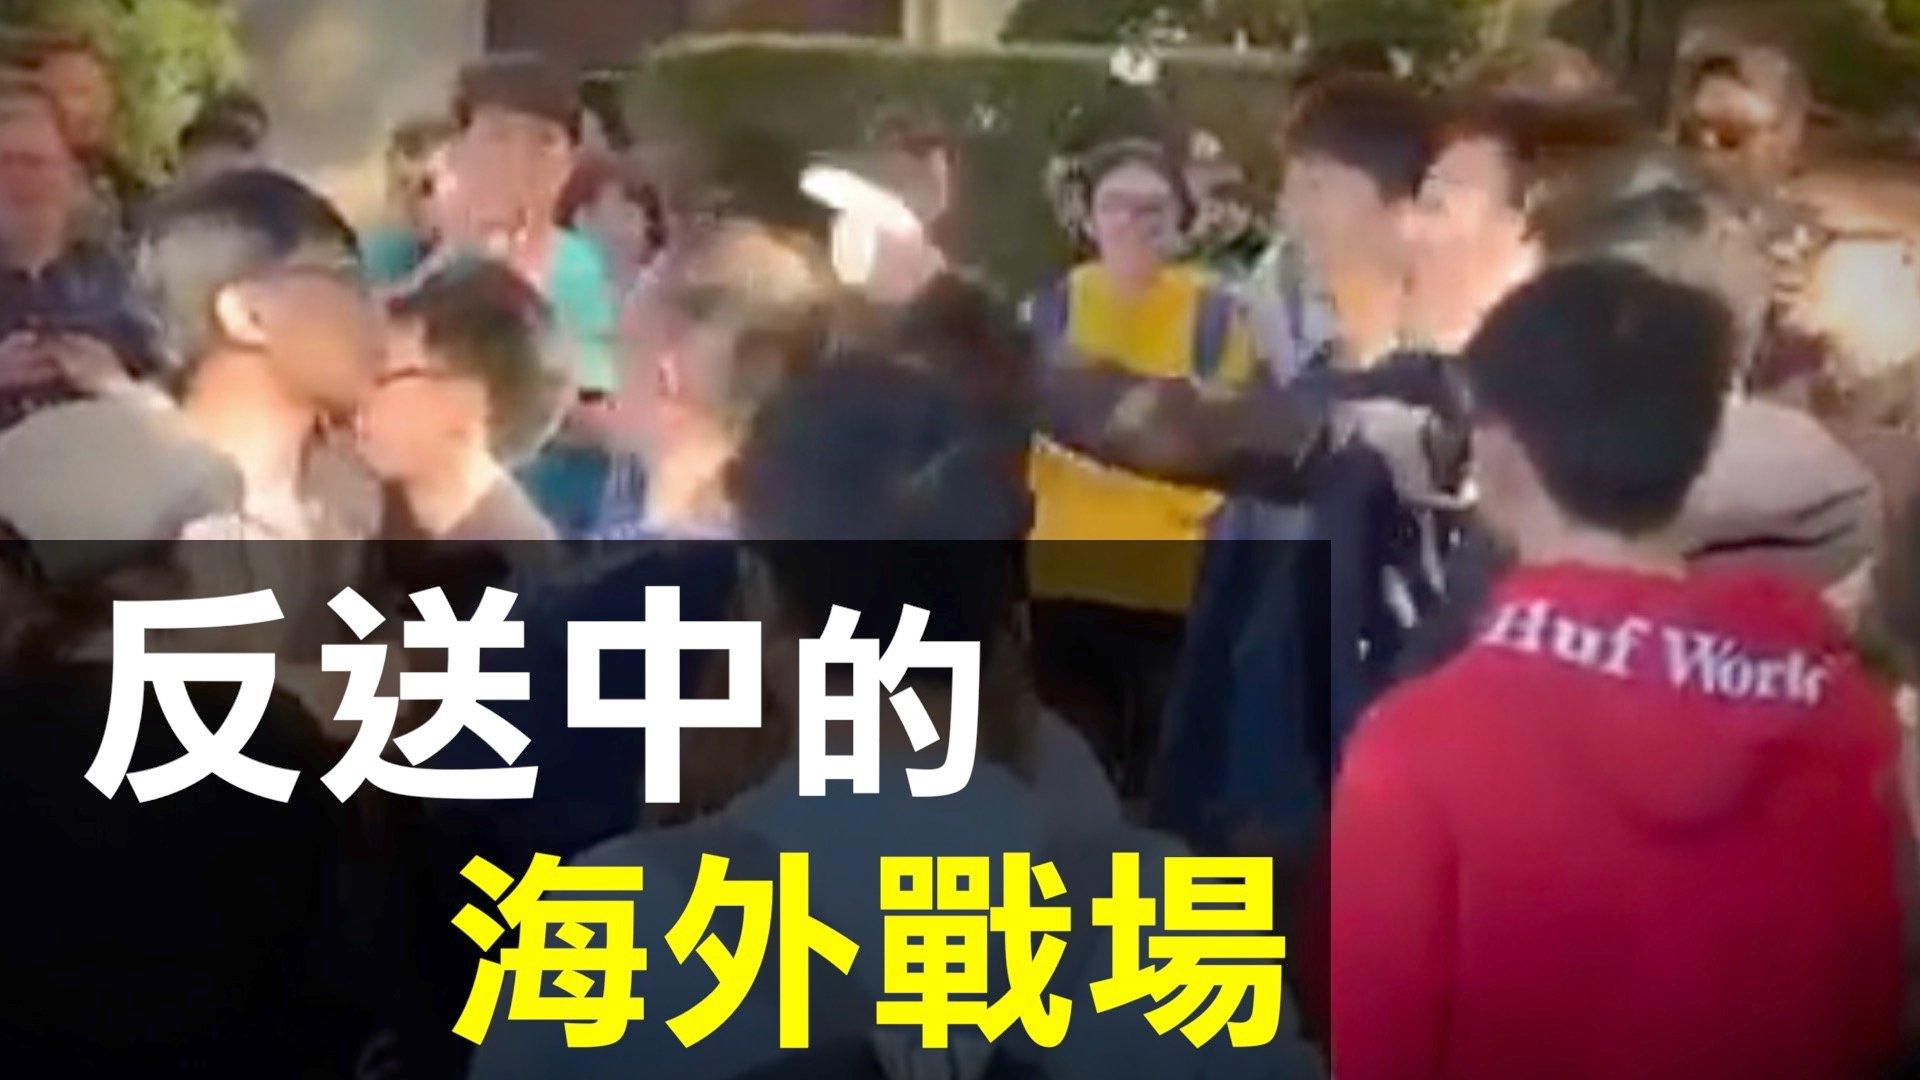 中共造假新聞,煽動海外華人干擾香港人的活動,成了港人反送中的海外戰場。(新唐人)